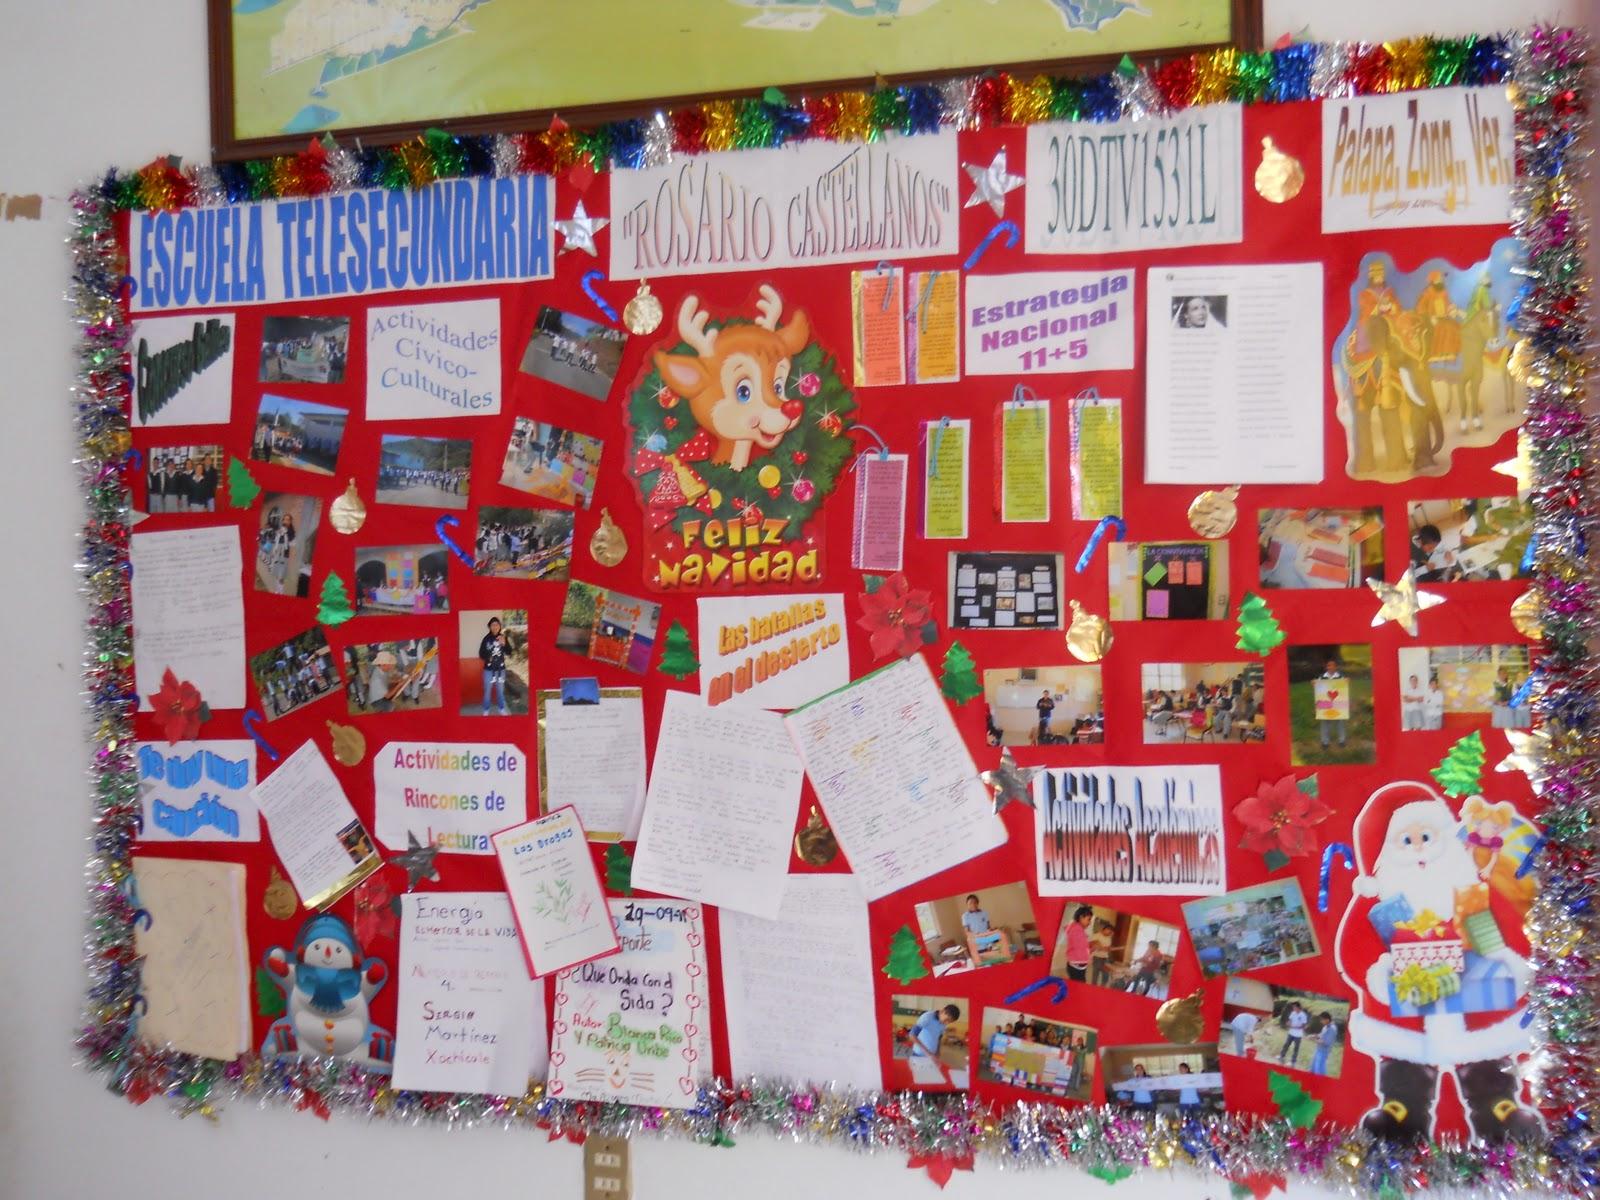 Mural para maestros educador s del mundo agosto 2009 for Estructura del periodico mural wikipedia